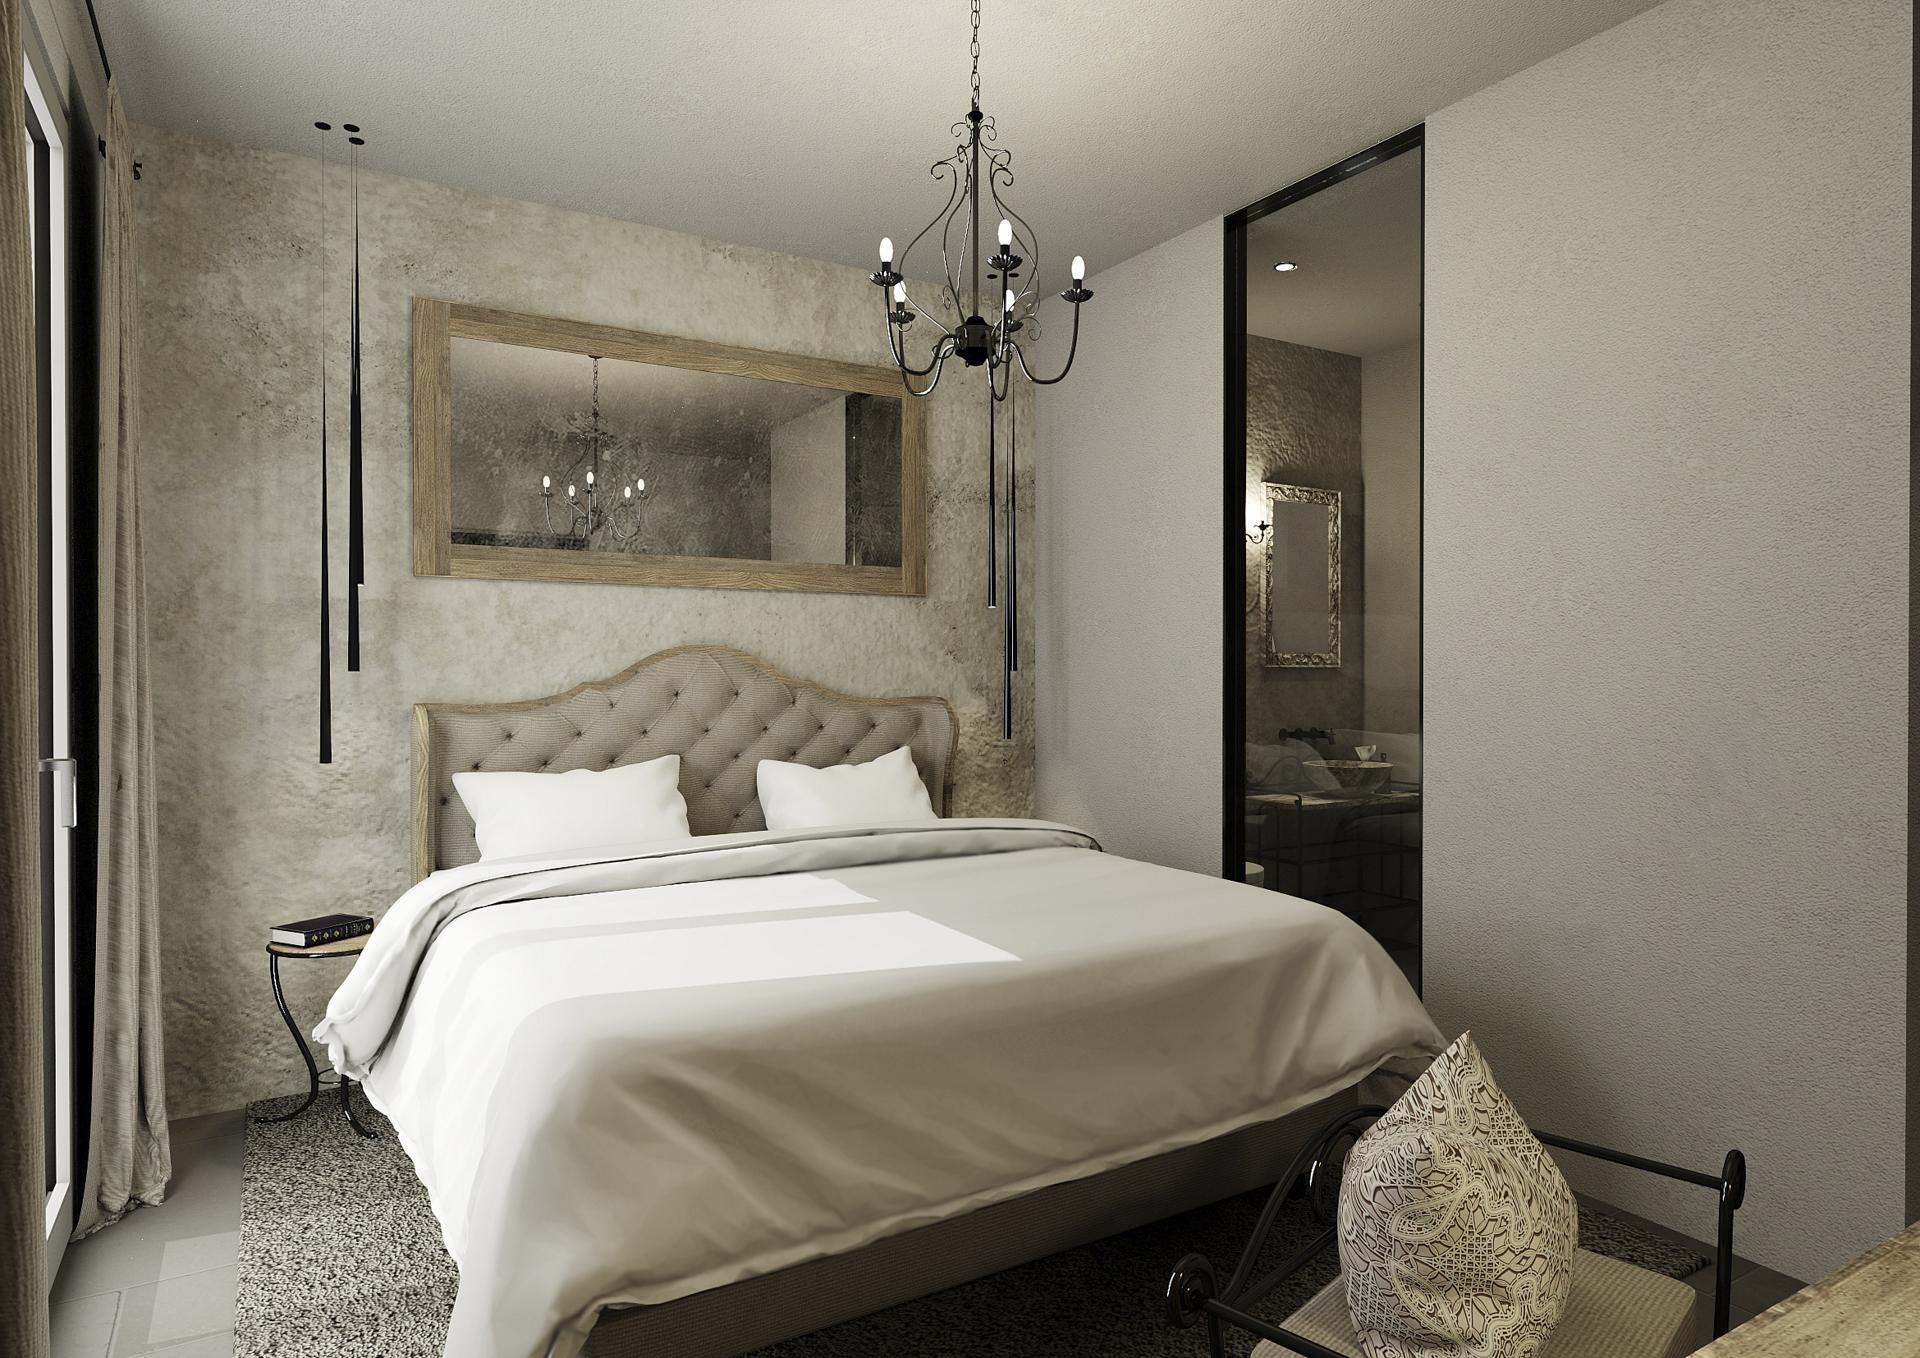 tischlerei-decker-visualisierungen-Schlafzimmer